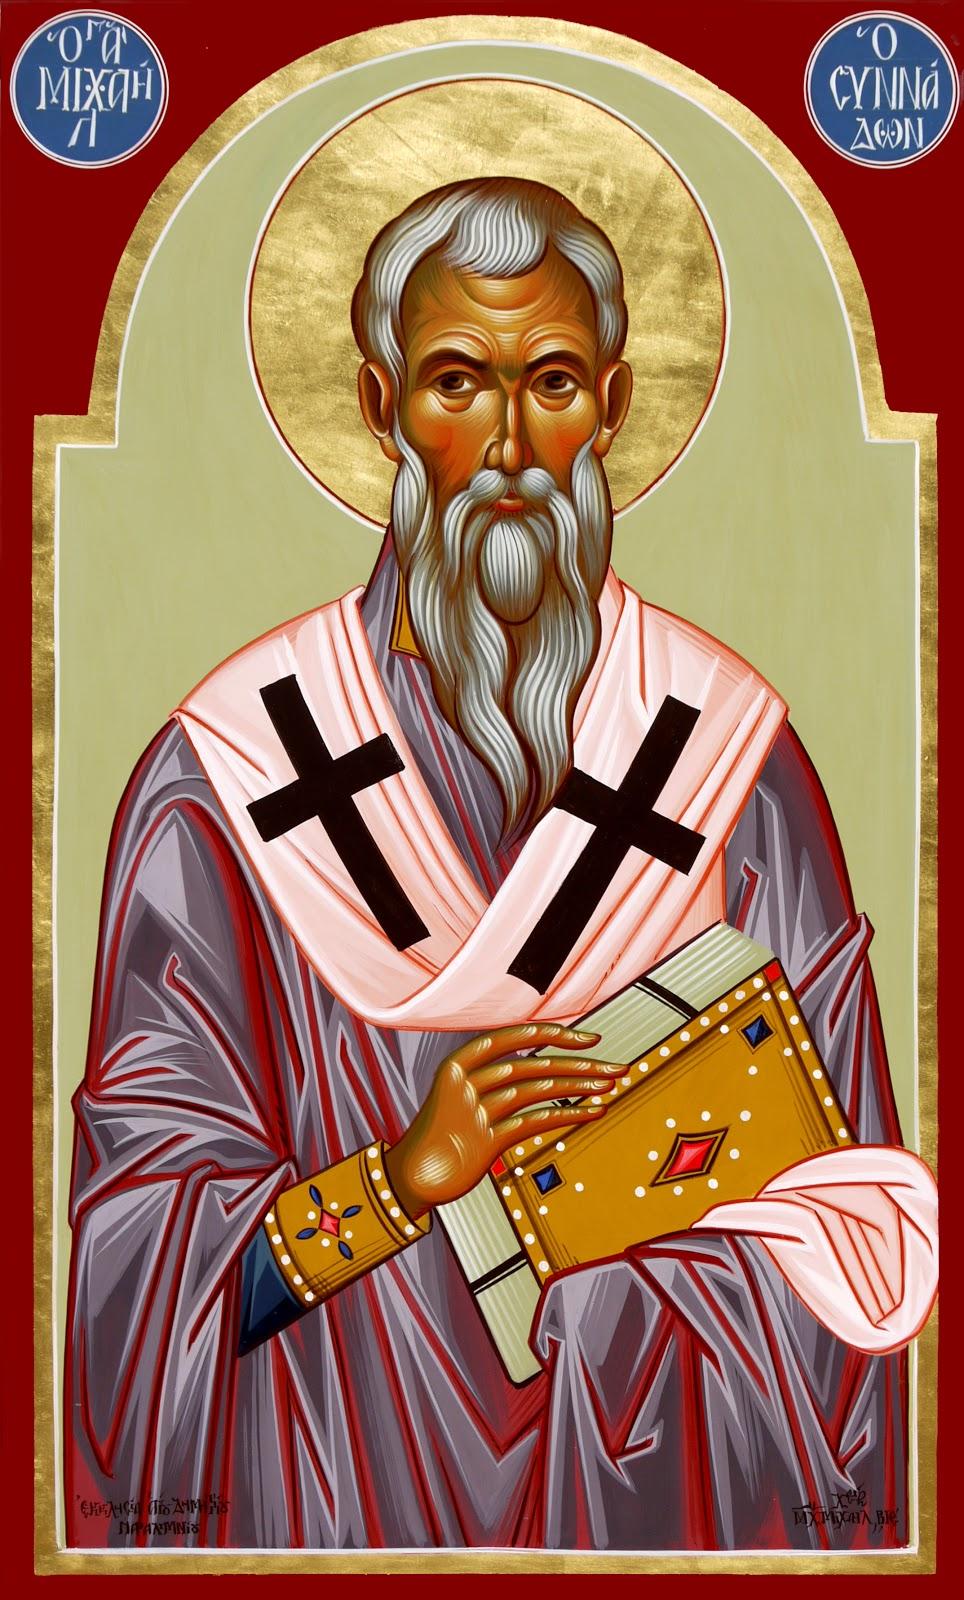 Άγιος Μιχαήλ επίσκοπος Συννάδων